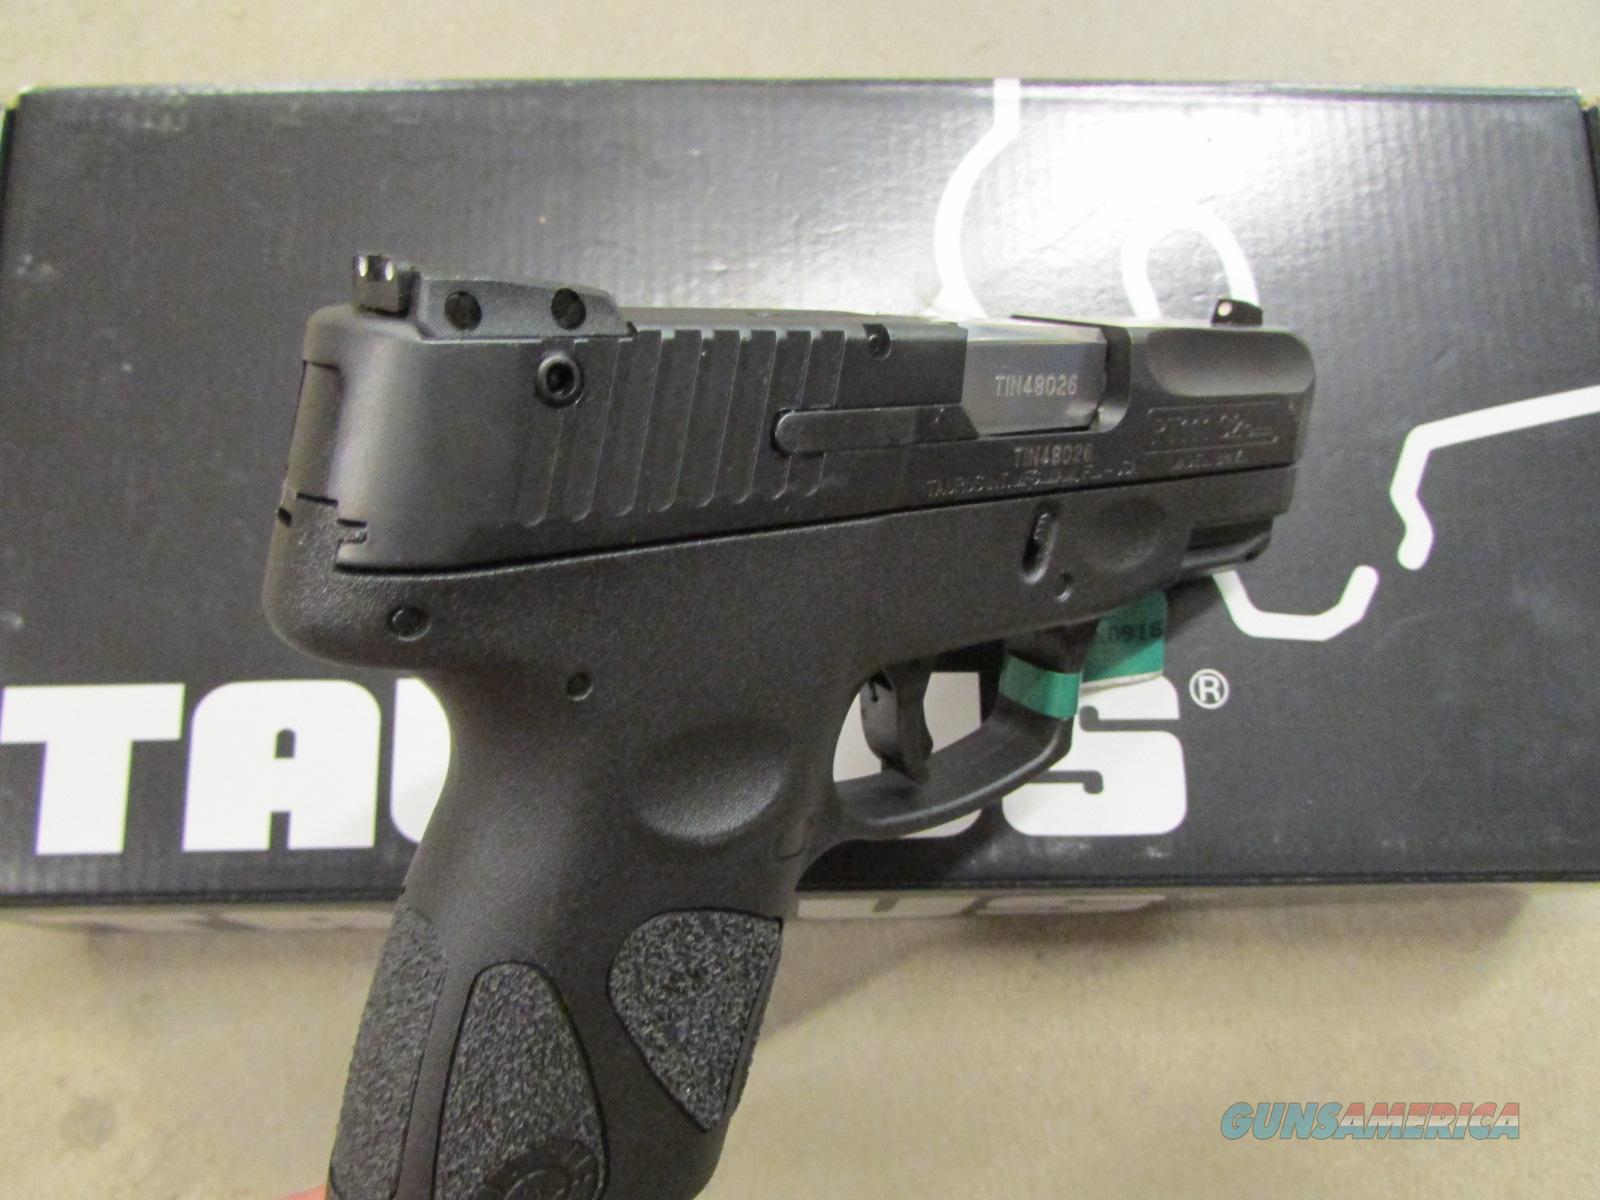 Taurus Pt111 Millennium G2 9mm 12 Rd 1 111031g2 For Sale Schematics 9790193